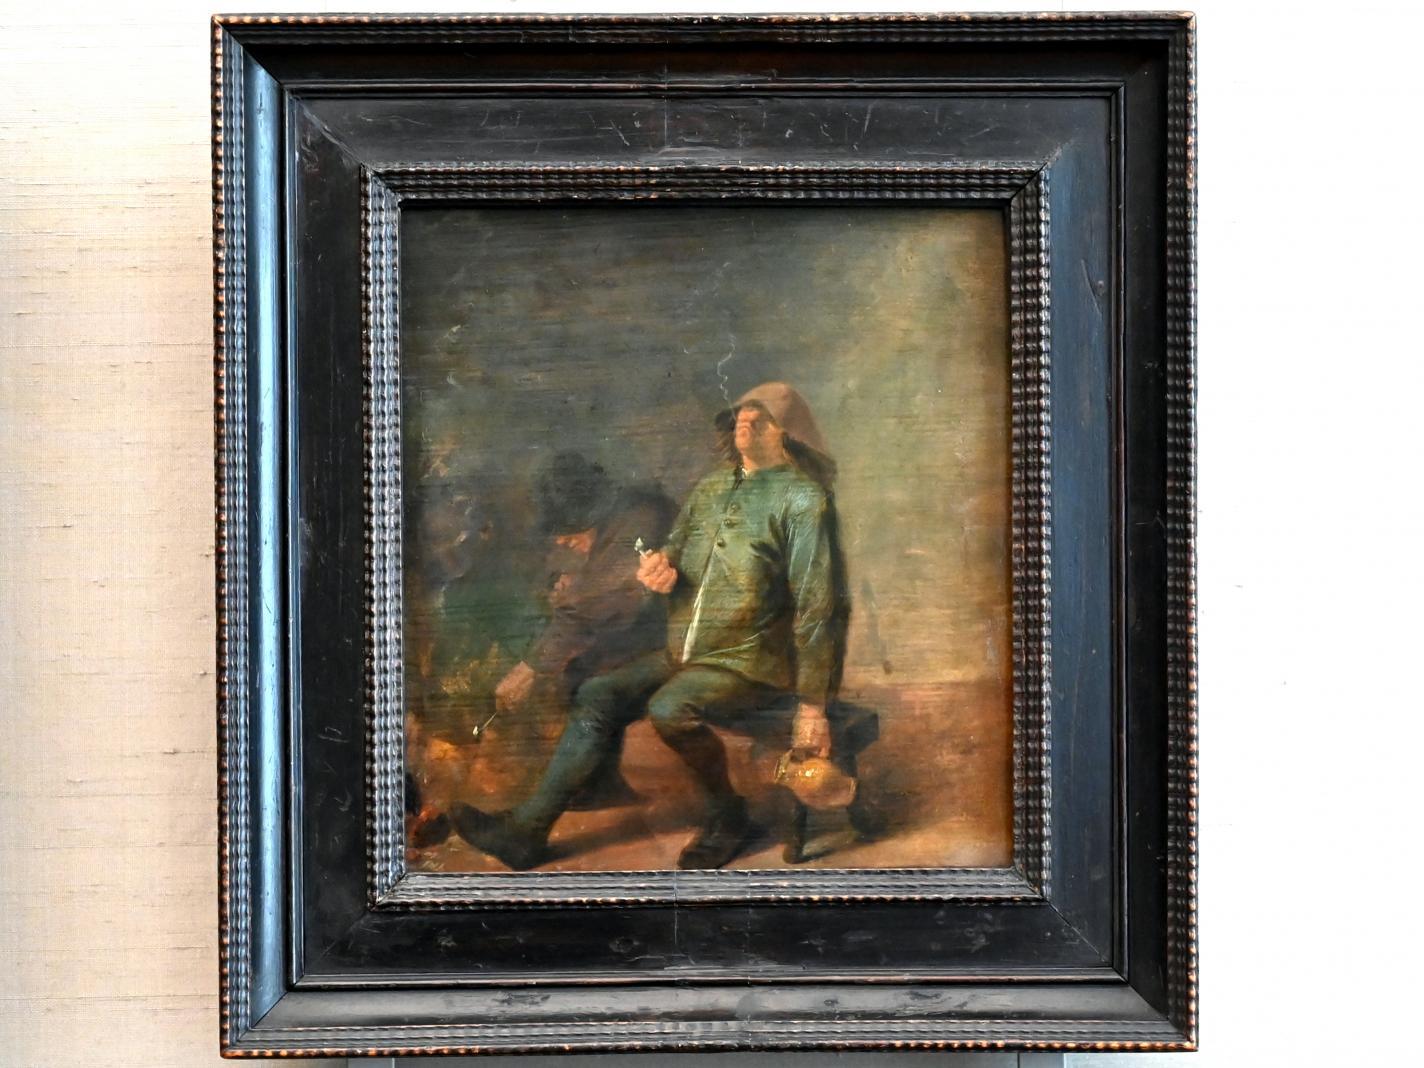 Adriaen Brouwer: Zwei rauchende Bauern am Kamin, 1625 - 1638